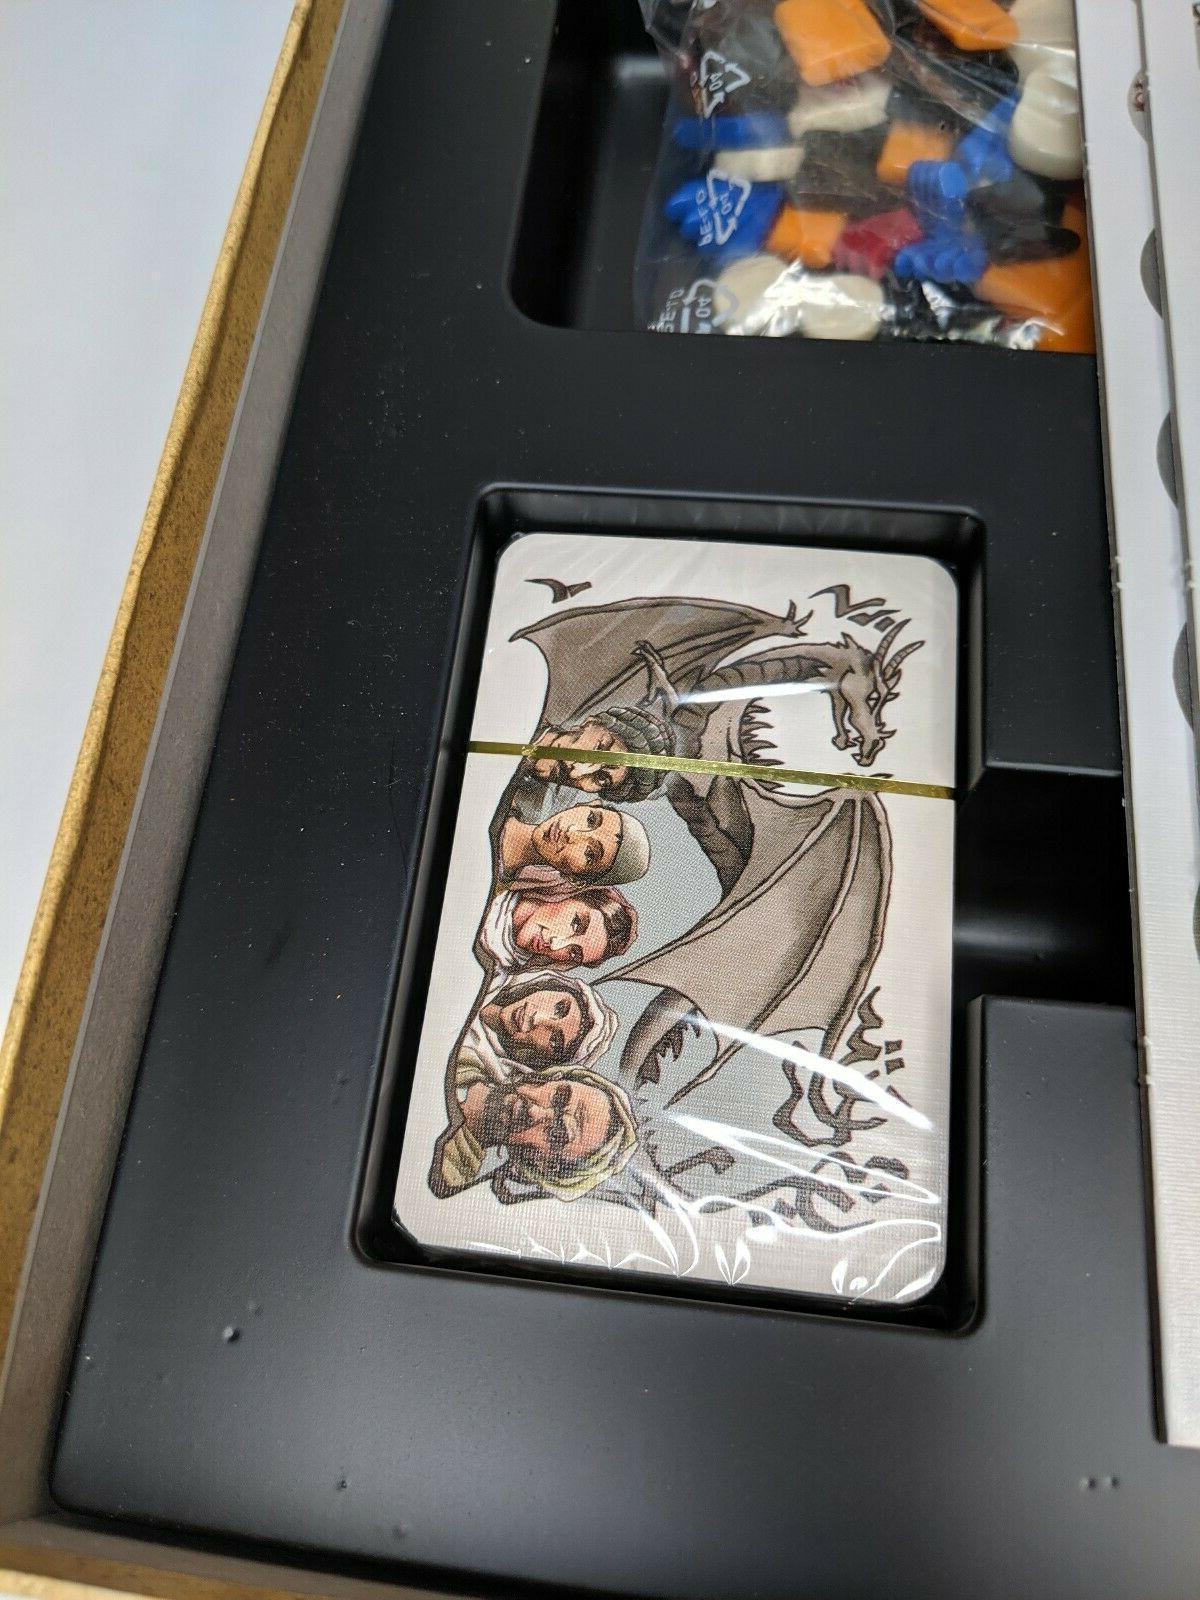 Aladdin's Board Game Rio Grande Box